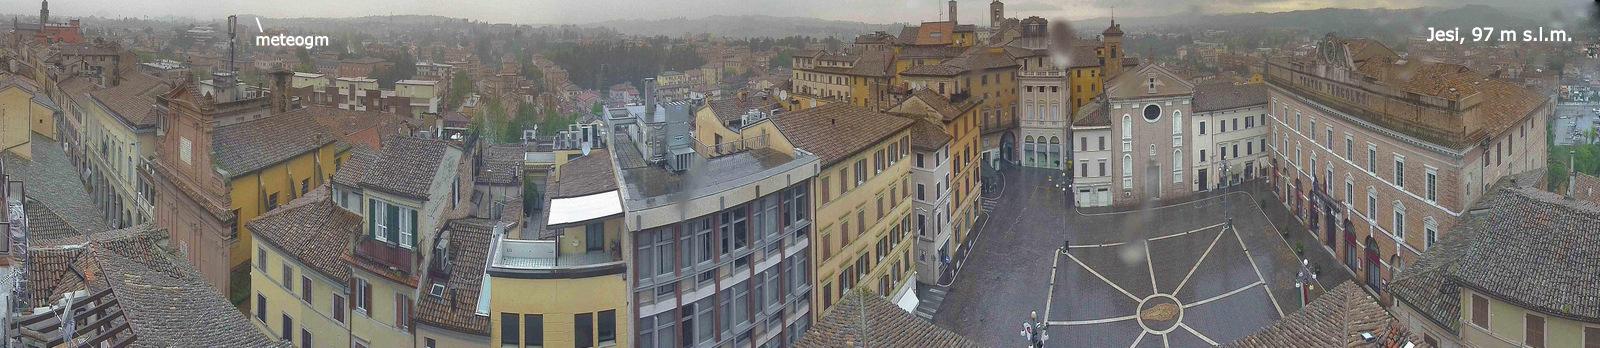 L'osservatorio meteorologico meteogm visto dalla webcam del Comune di Jesi da Piazza della Repubblica